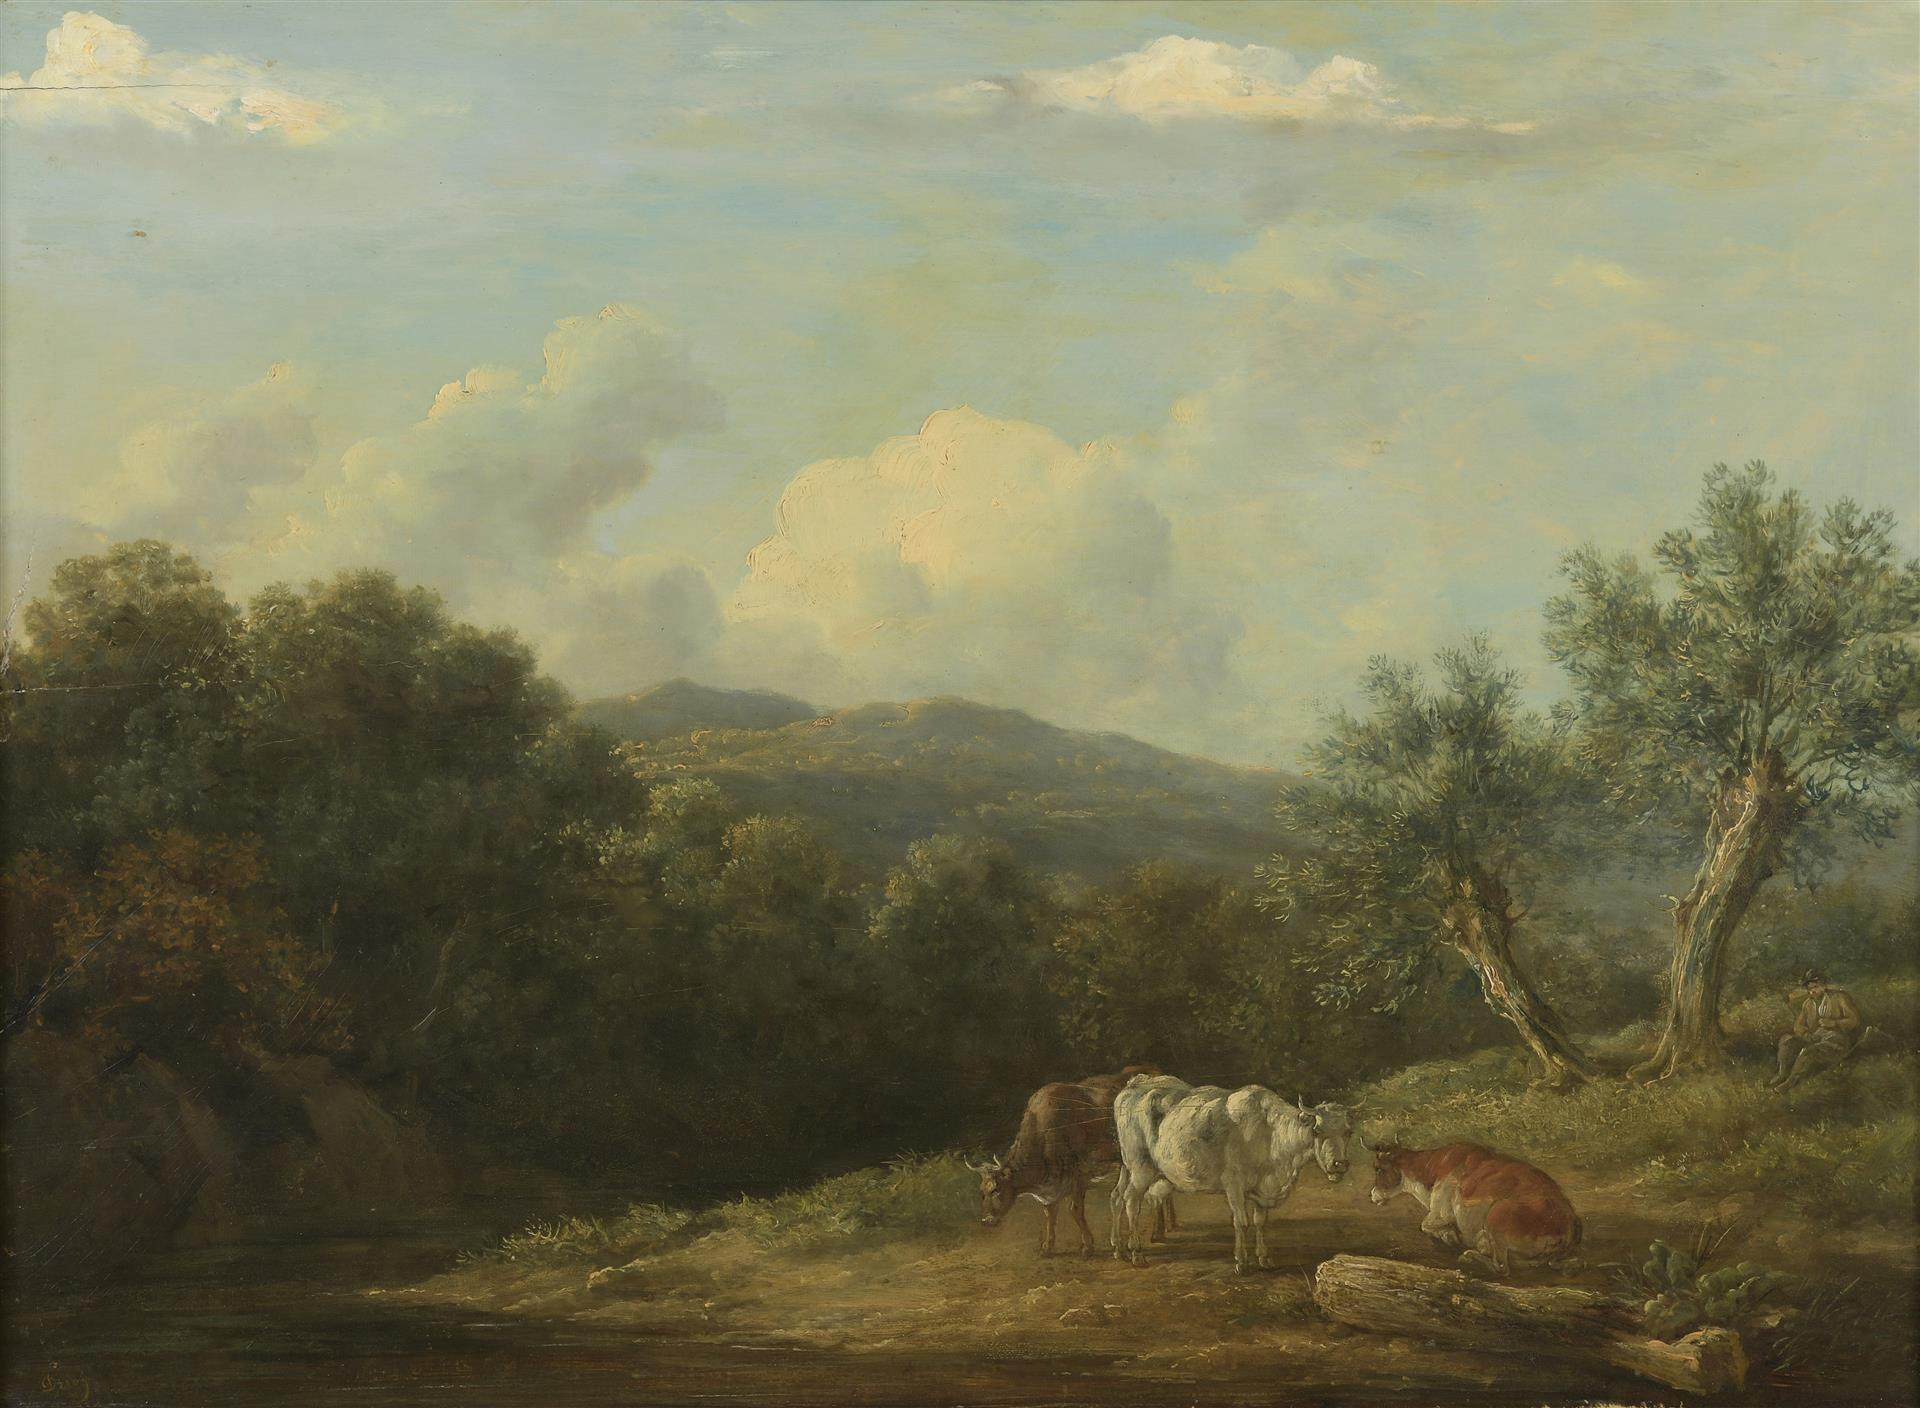 Lot 48 - École flamande fin XVIIIe-début XIXe siècle. Vaches. Huile sur panneau. 57,5 x 76 [...]